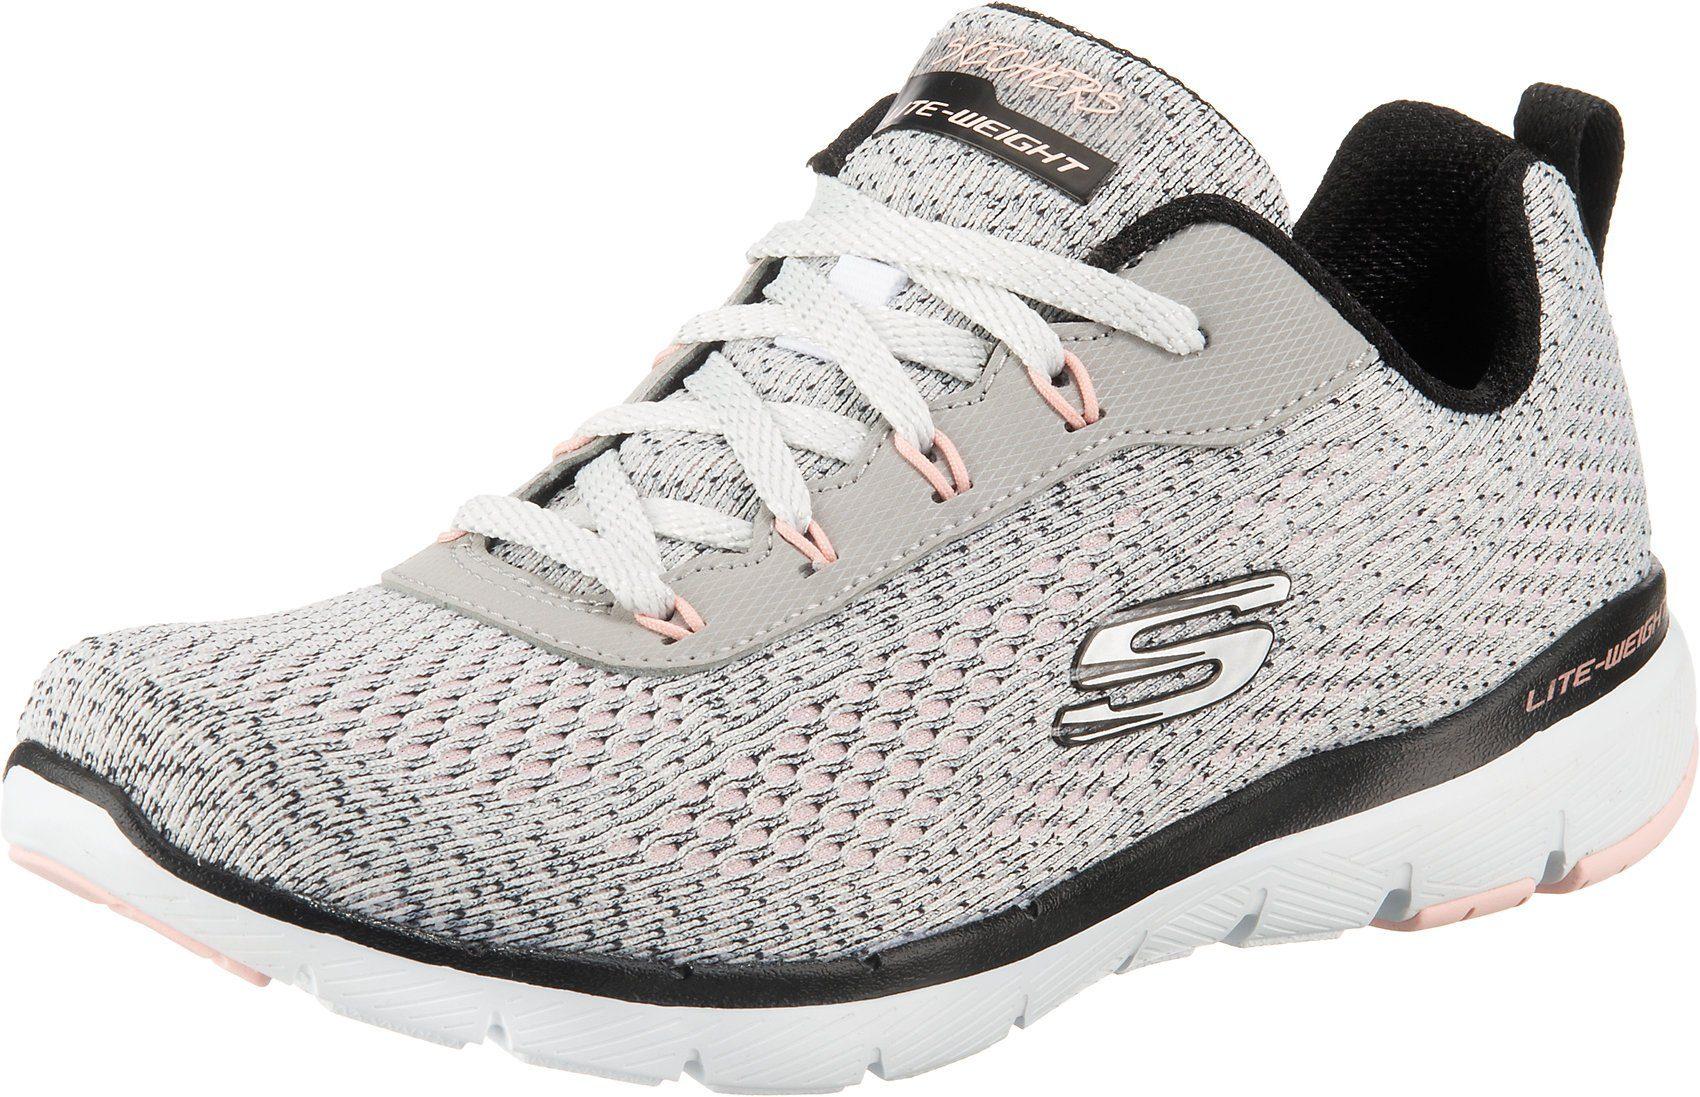 Skechers »FLEX APPEAL 3.0 BREEZIN' KICKS Sneakers Low« Sneaker online kaufen | OTTO